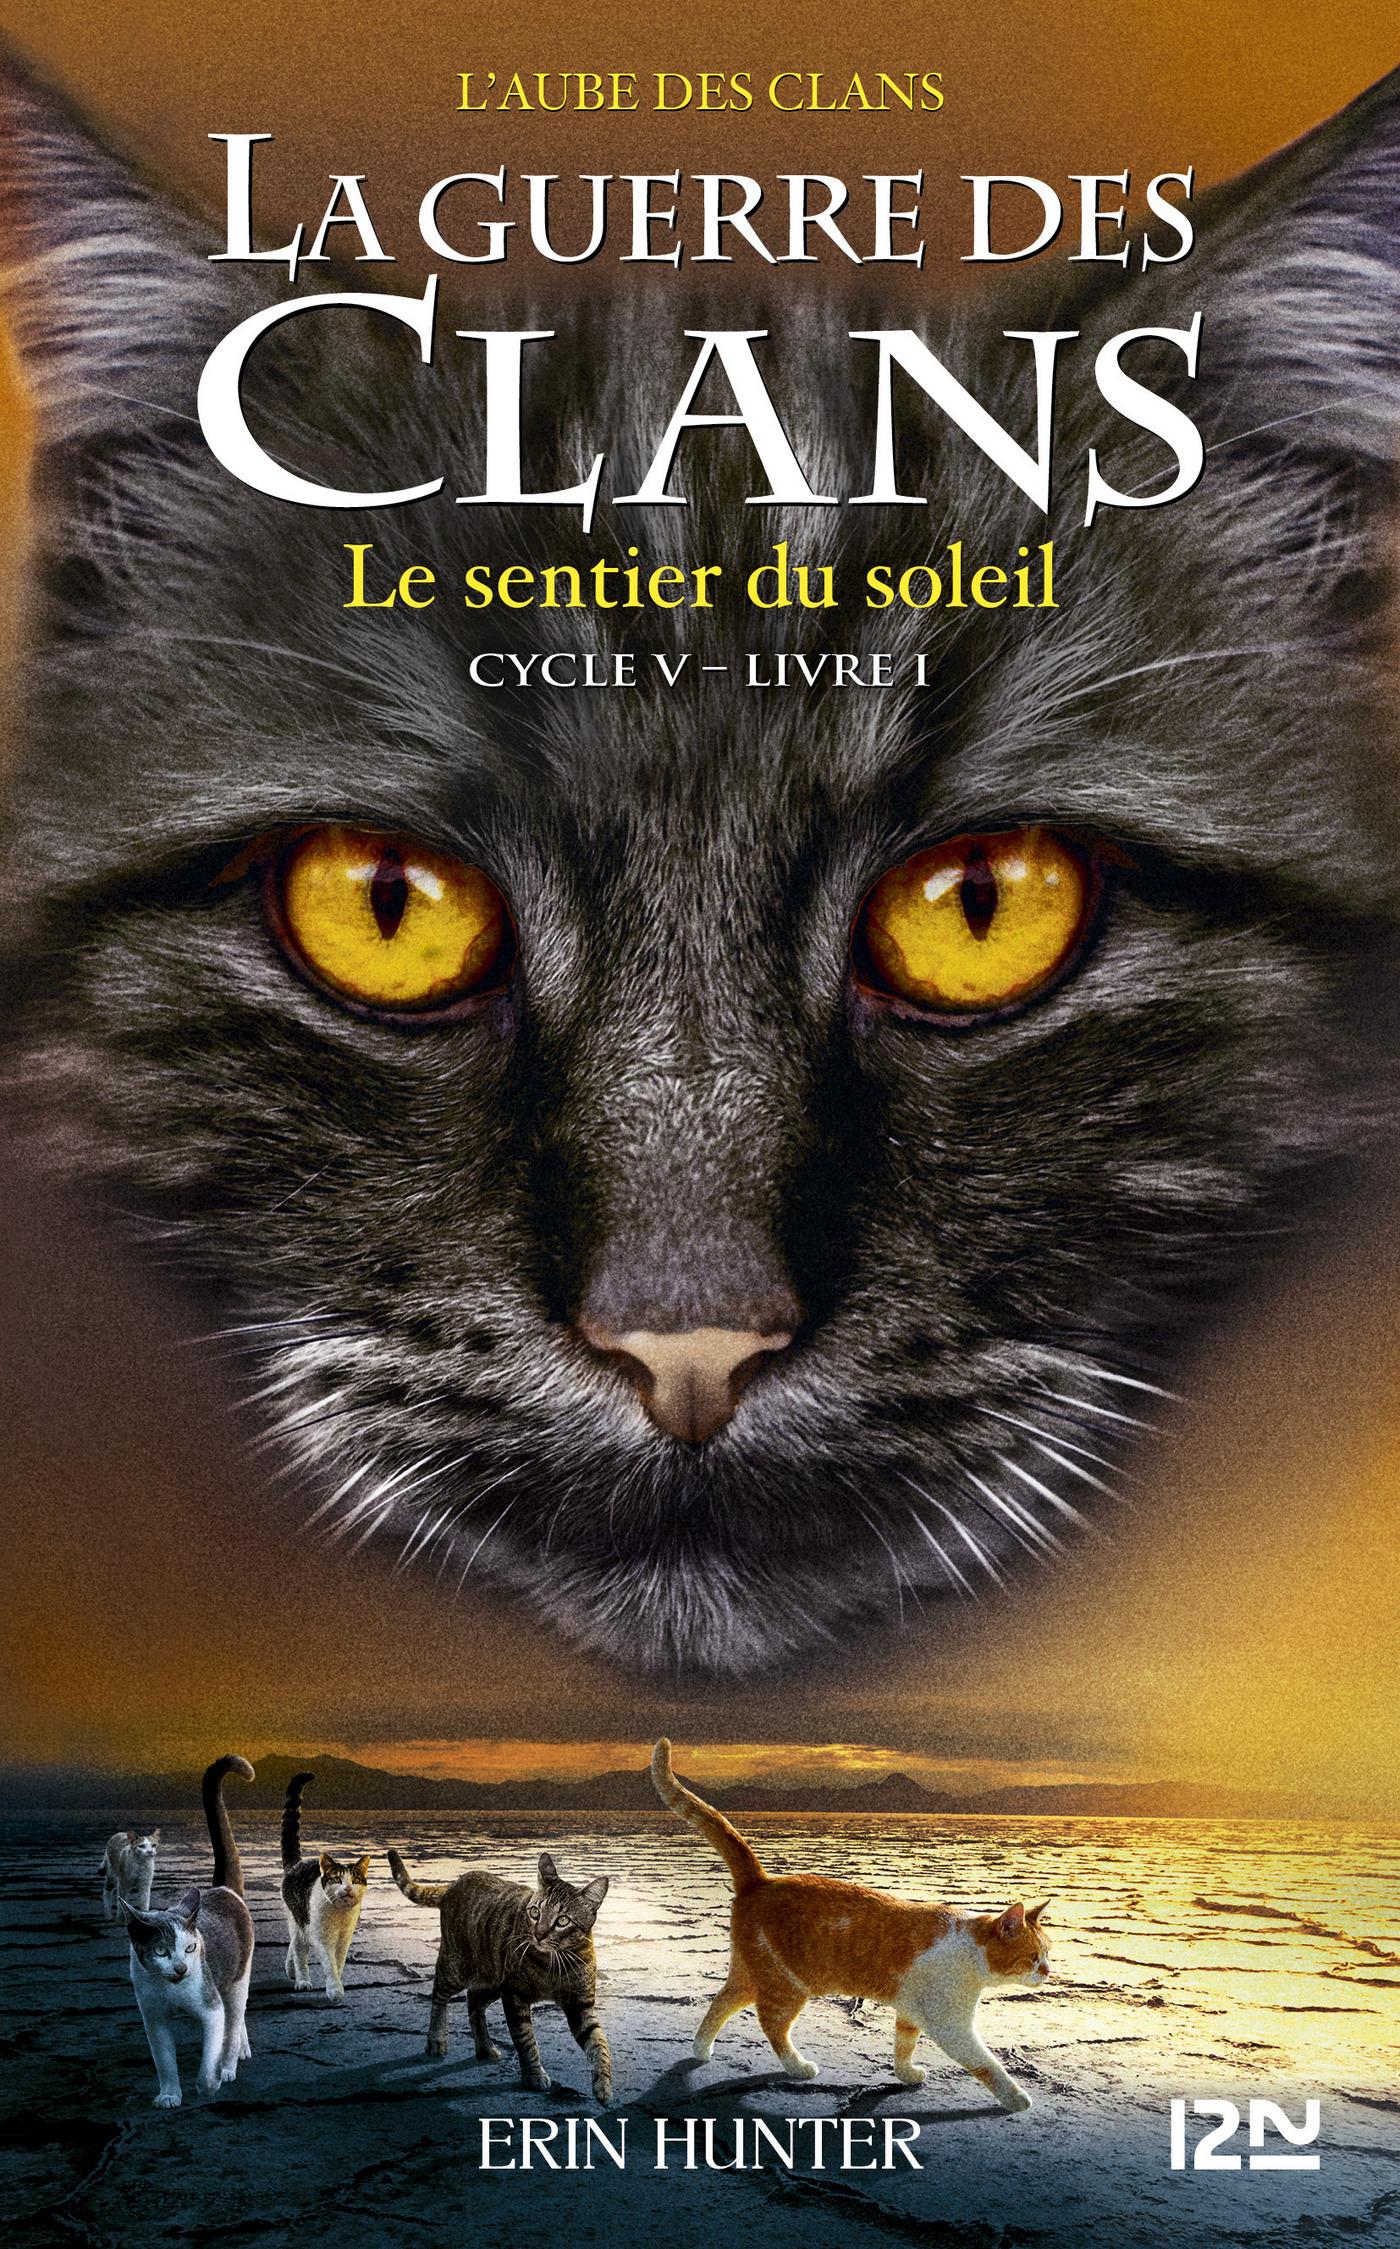 La guerre des clans cycle V - tome 1 : Le sentier du soleil | HUNTER, Erin